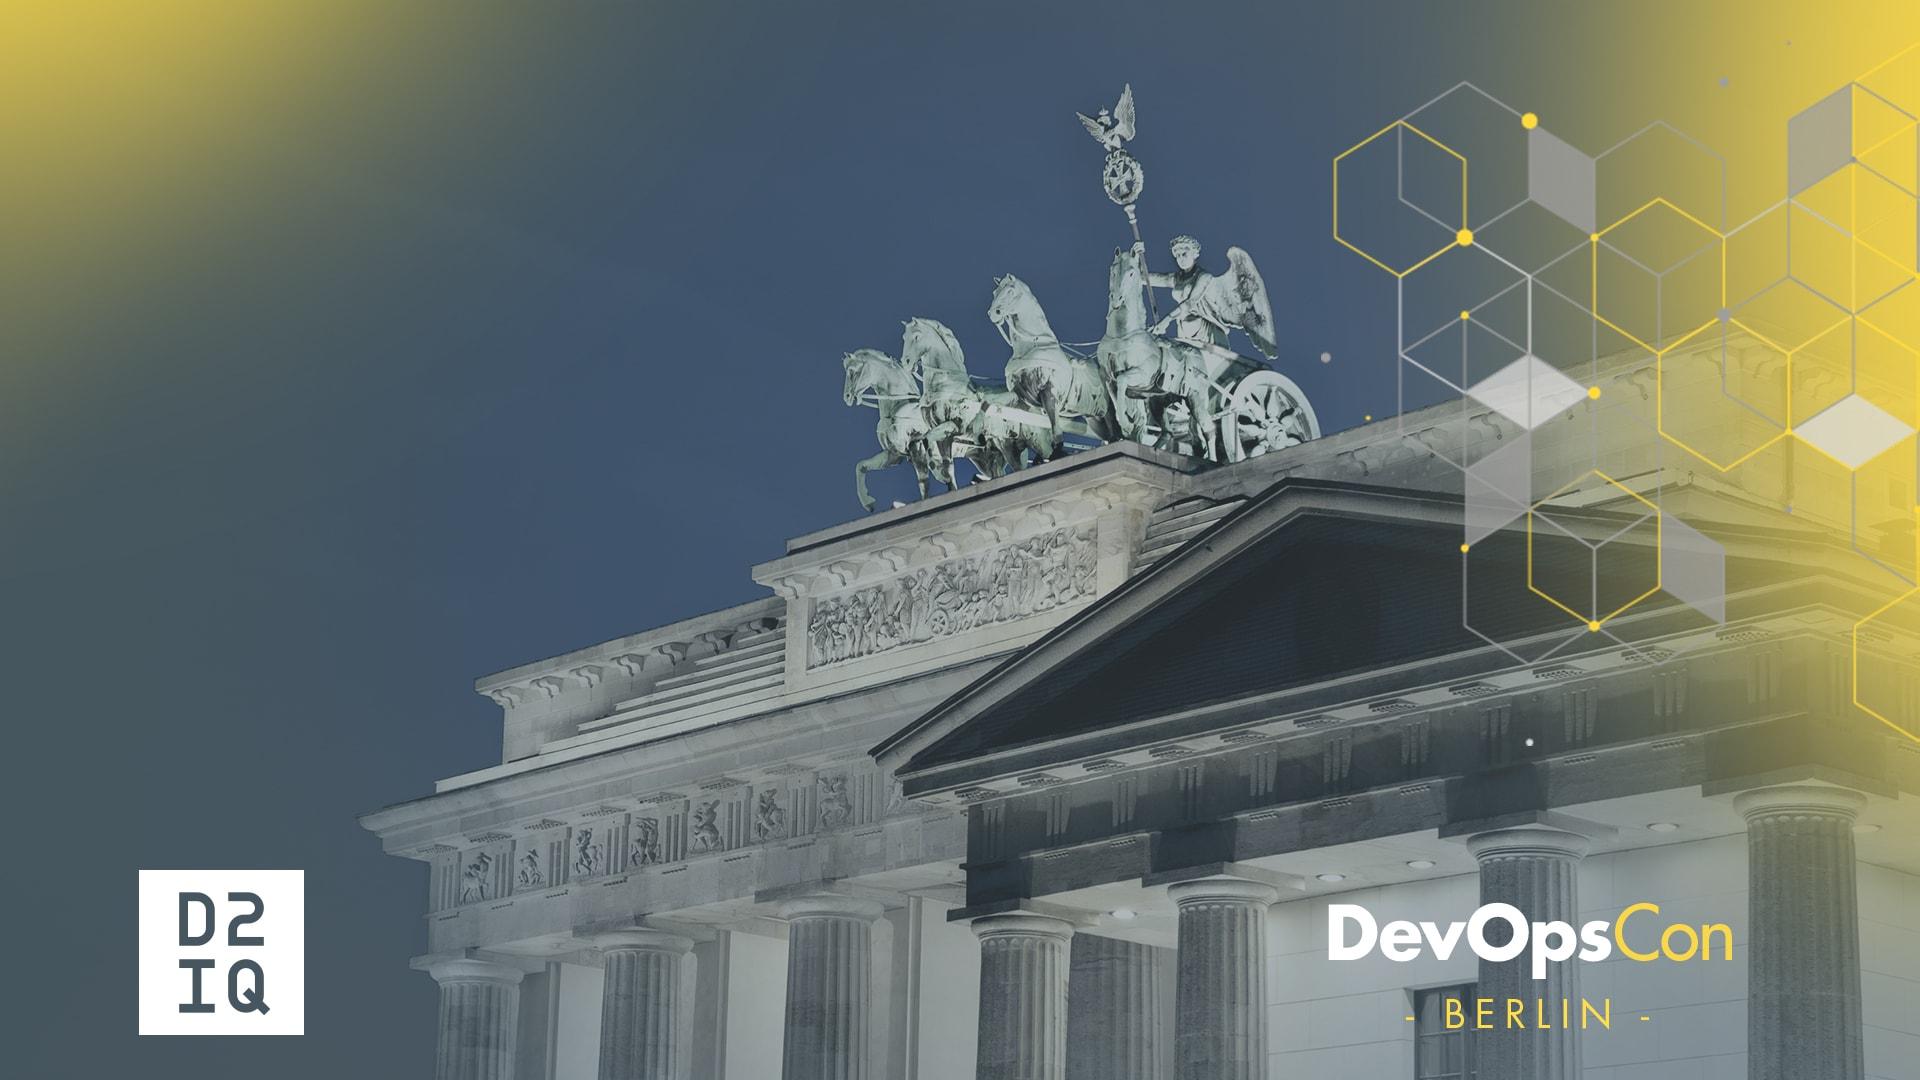 DevOpsCon Berlin